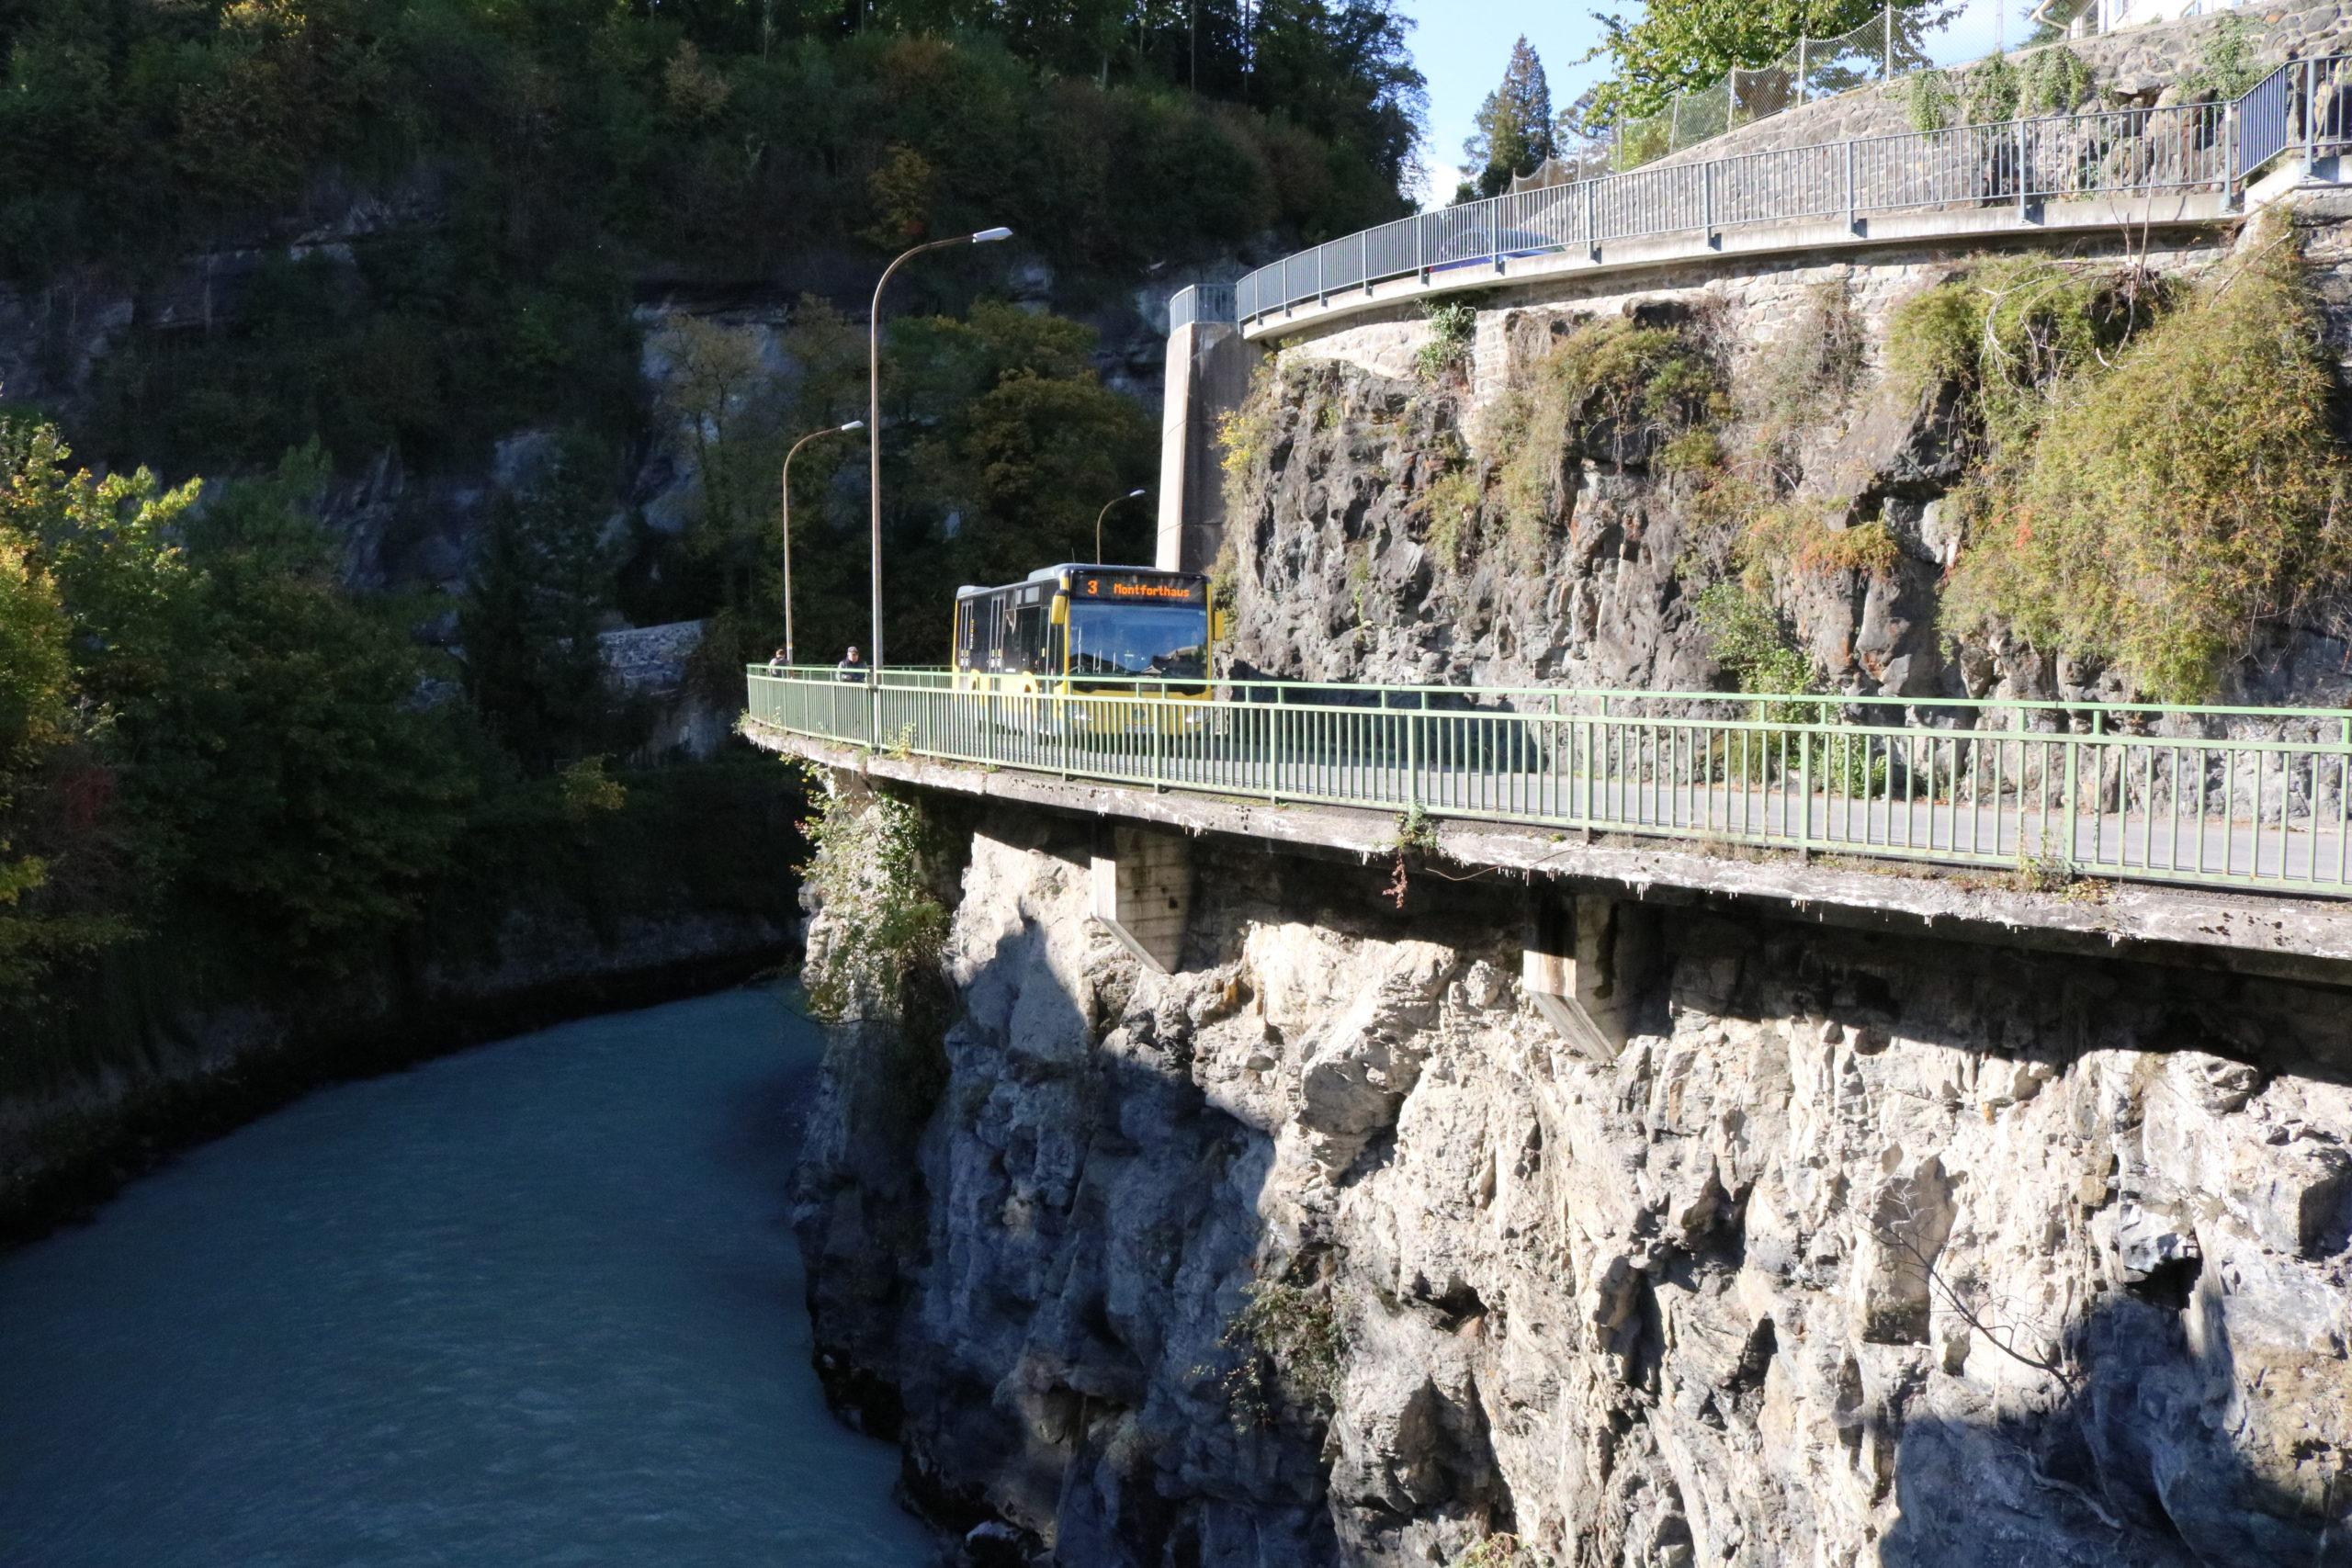 Hochwasserschutz Feldkirch Kapfschlucht – Feldversuch zur Vorbereitung der Bauarbeiten ab 2022